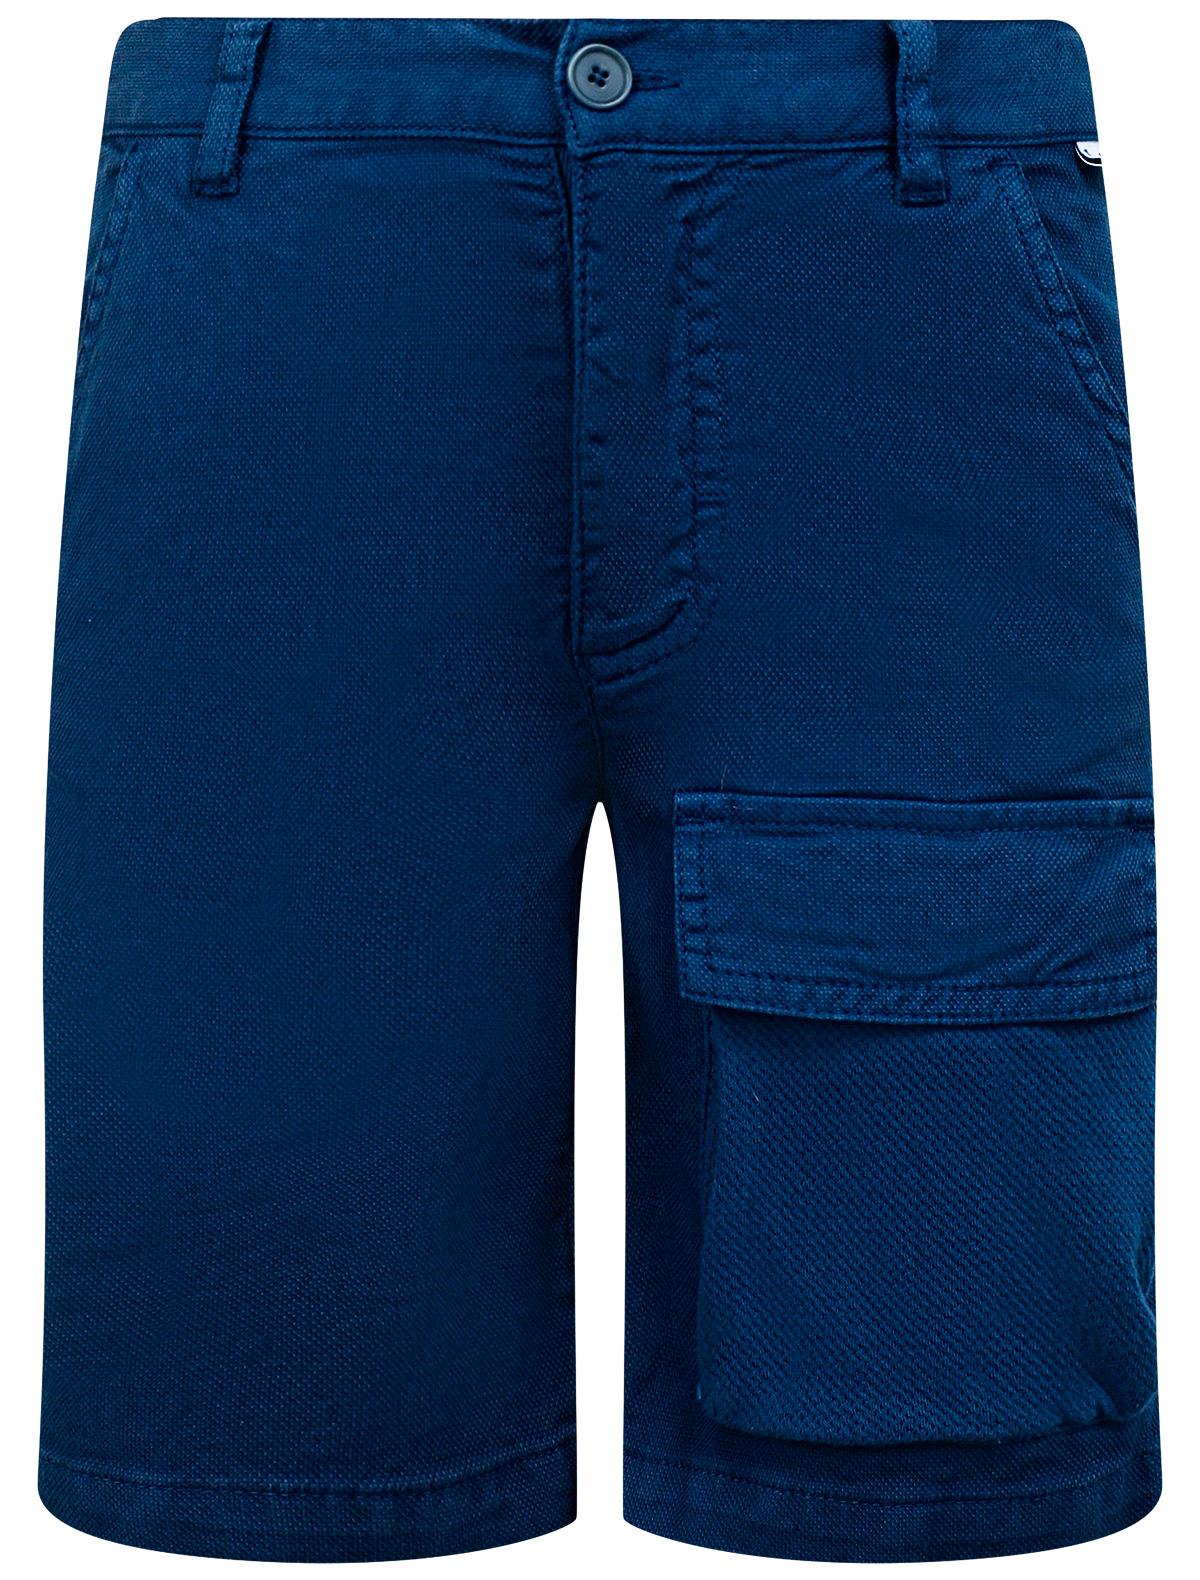 2305497, Шорты Il Gufo, синий, Мужской, 1414619170884  - купить со скидкой